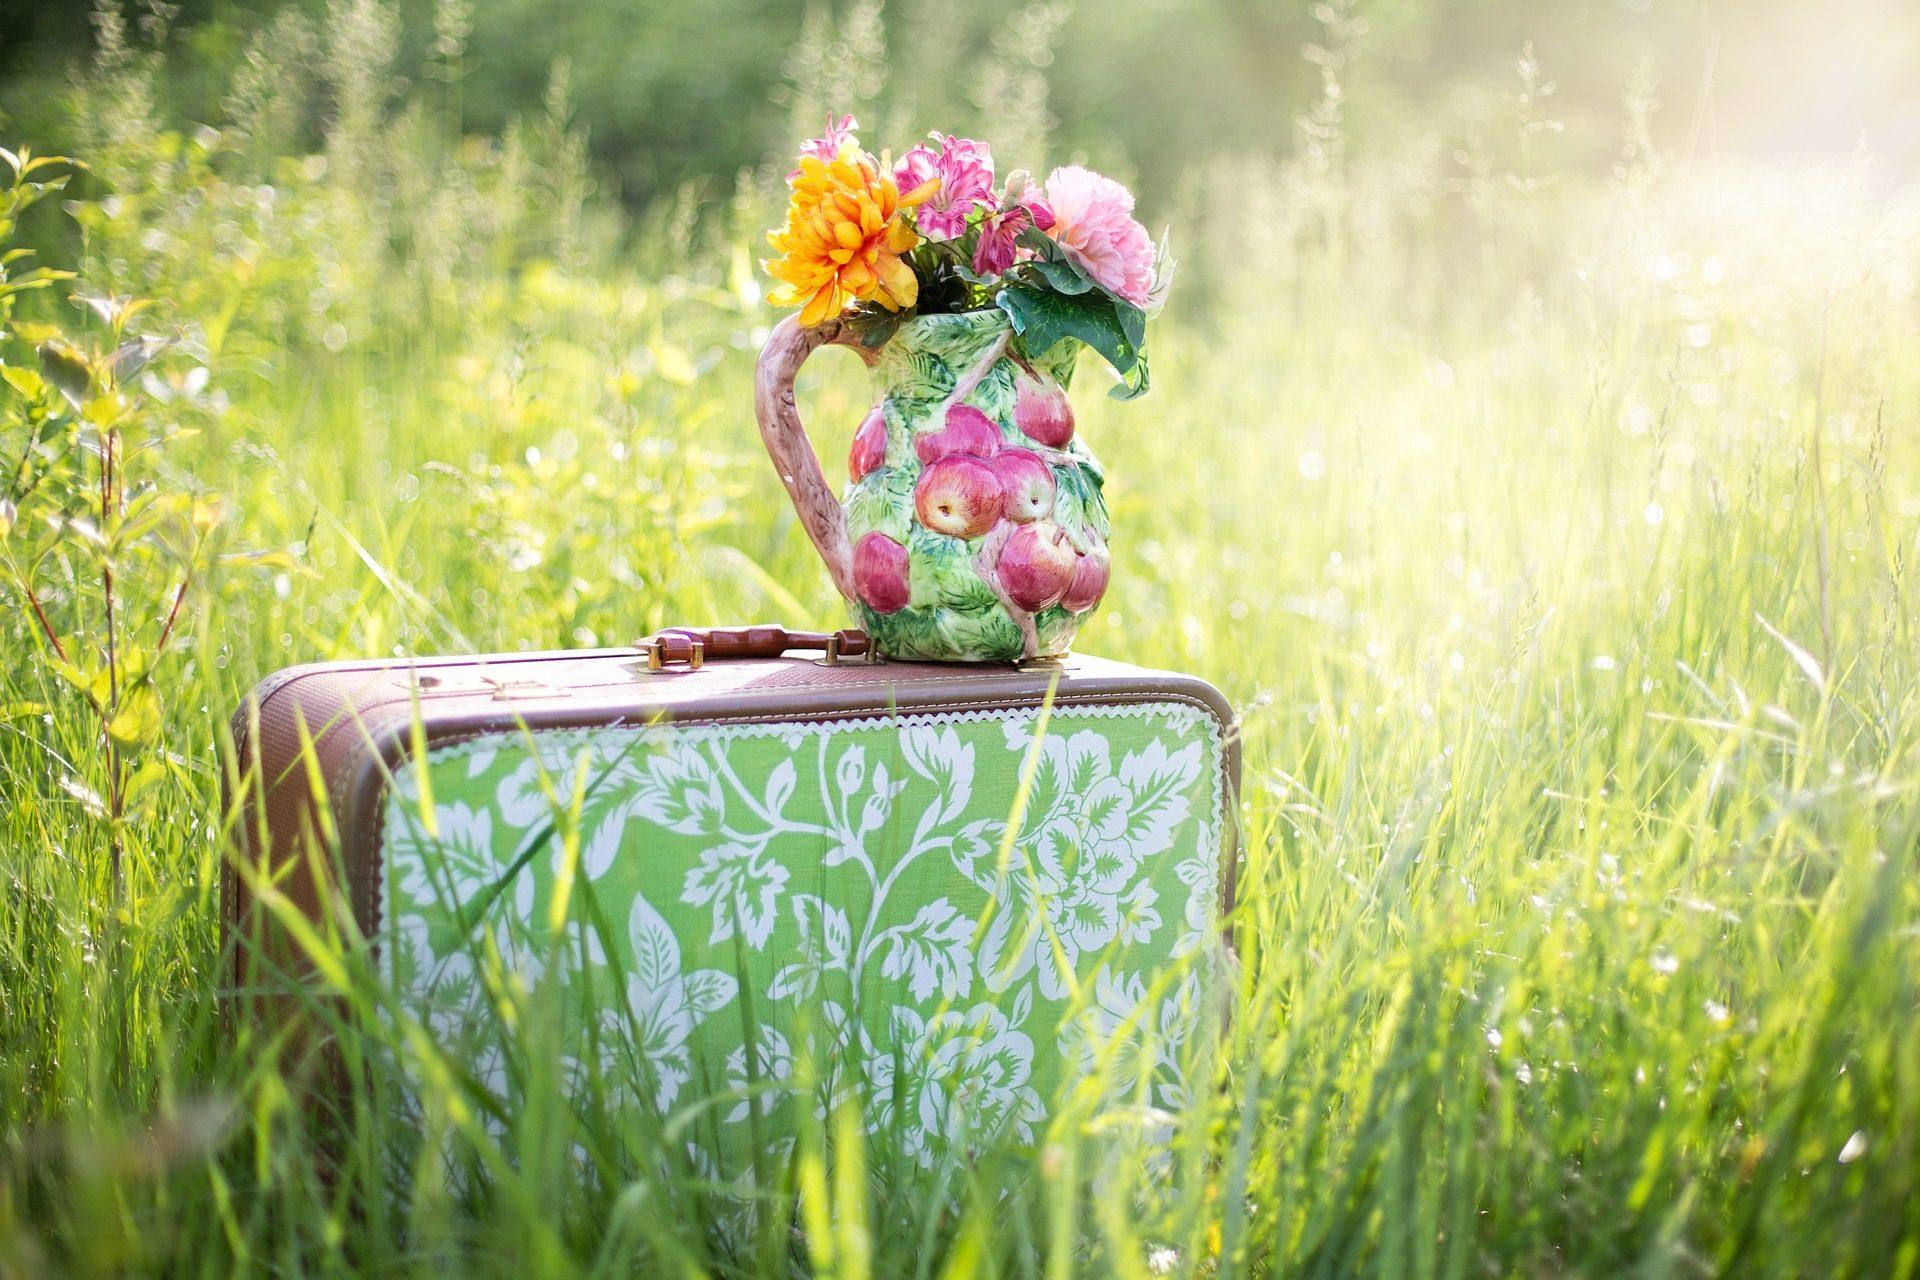 valise, vase, fleurs, domaine, herbe - Fonds d'écran HD - Professor-falken.com